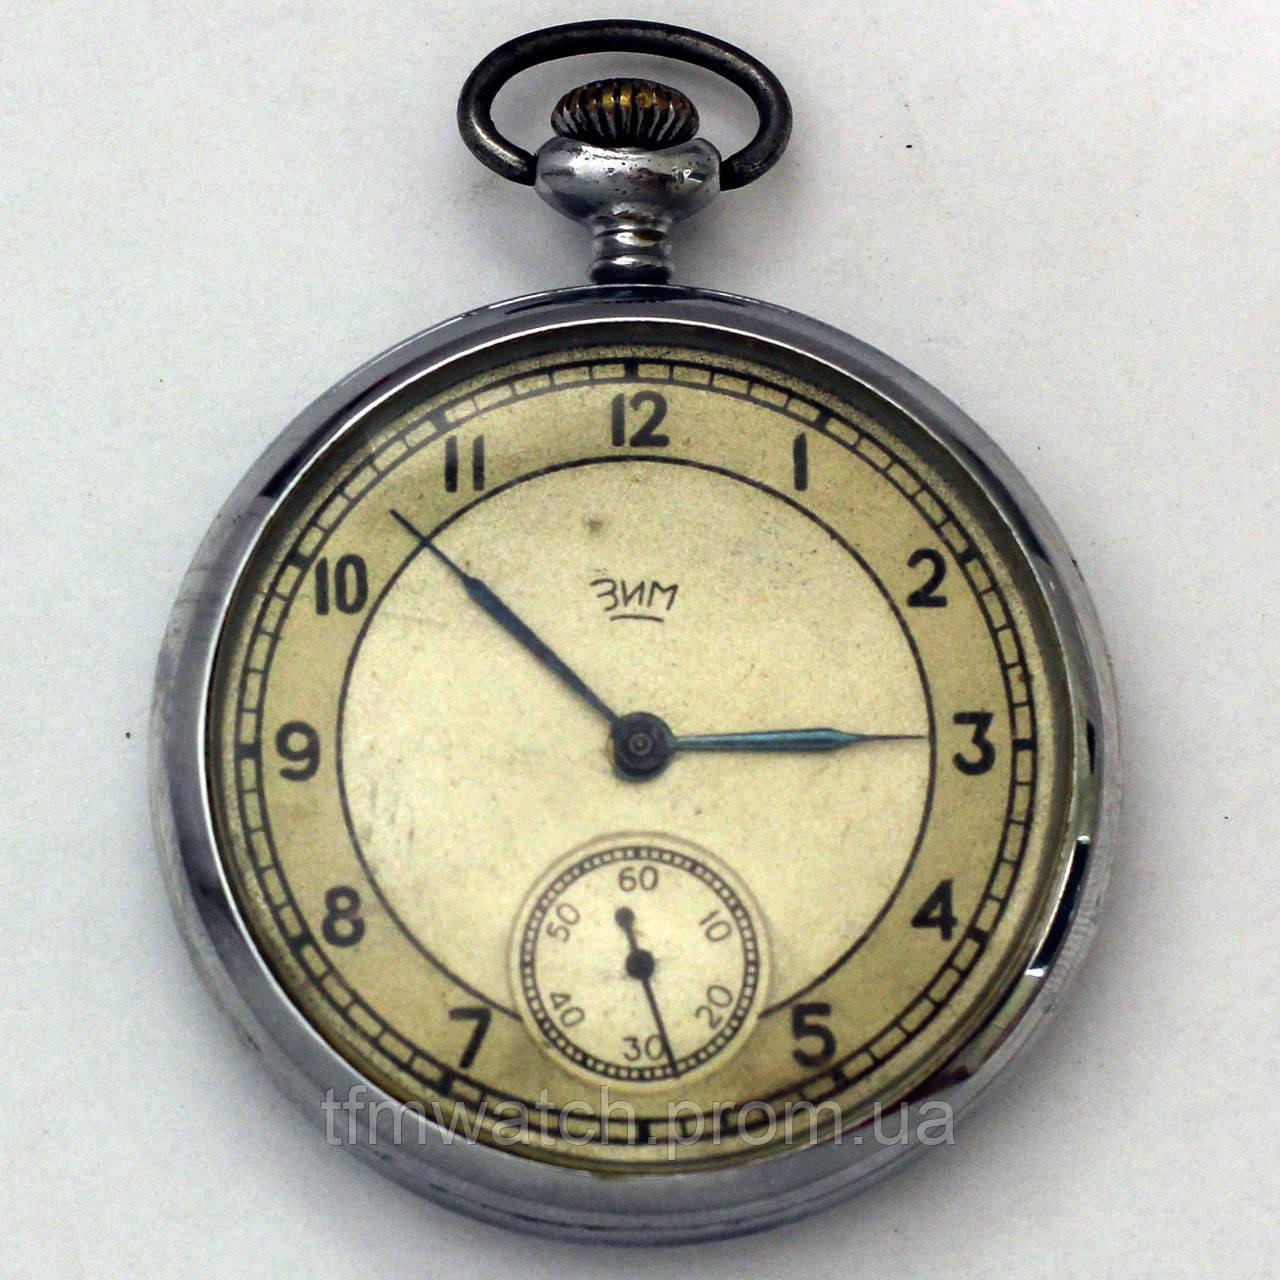 Карманные часы купить дорого часы наручные с доставкой